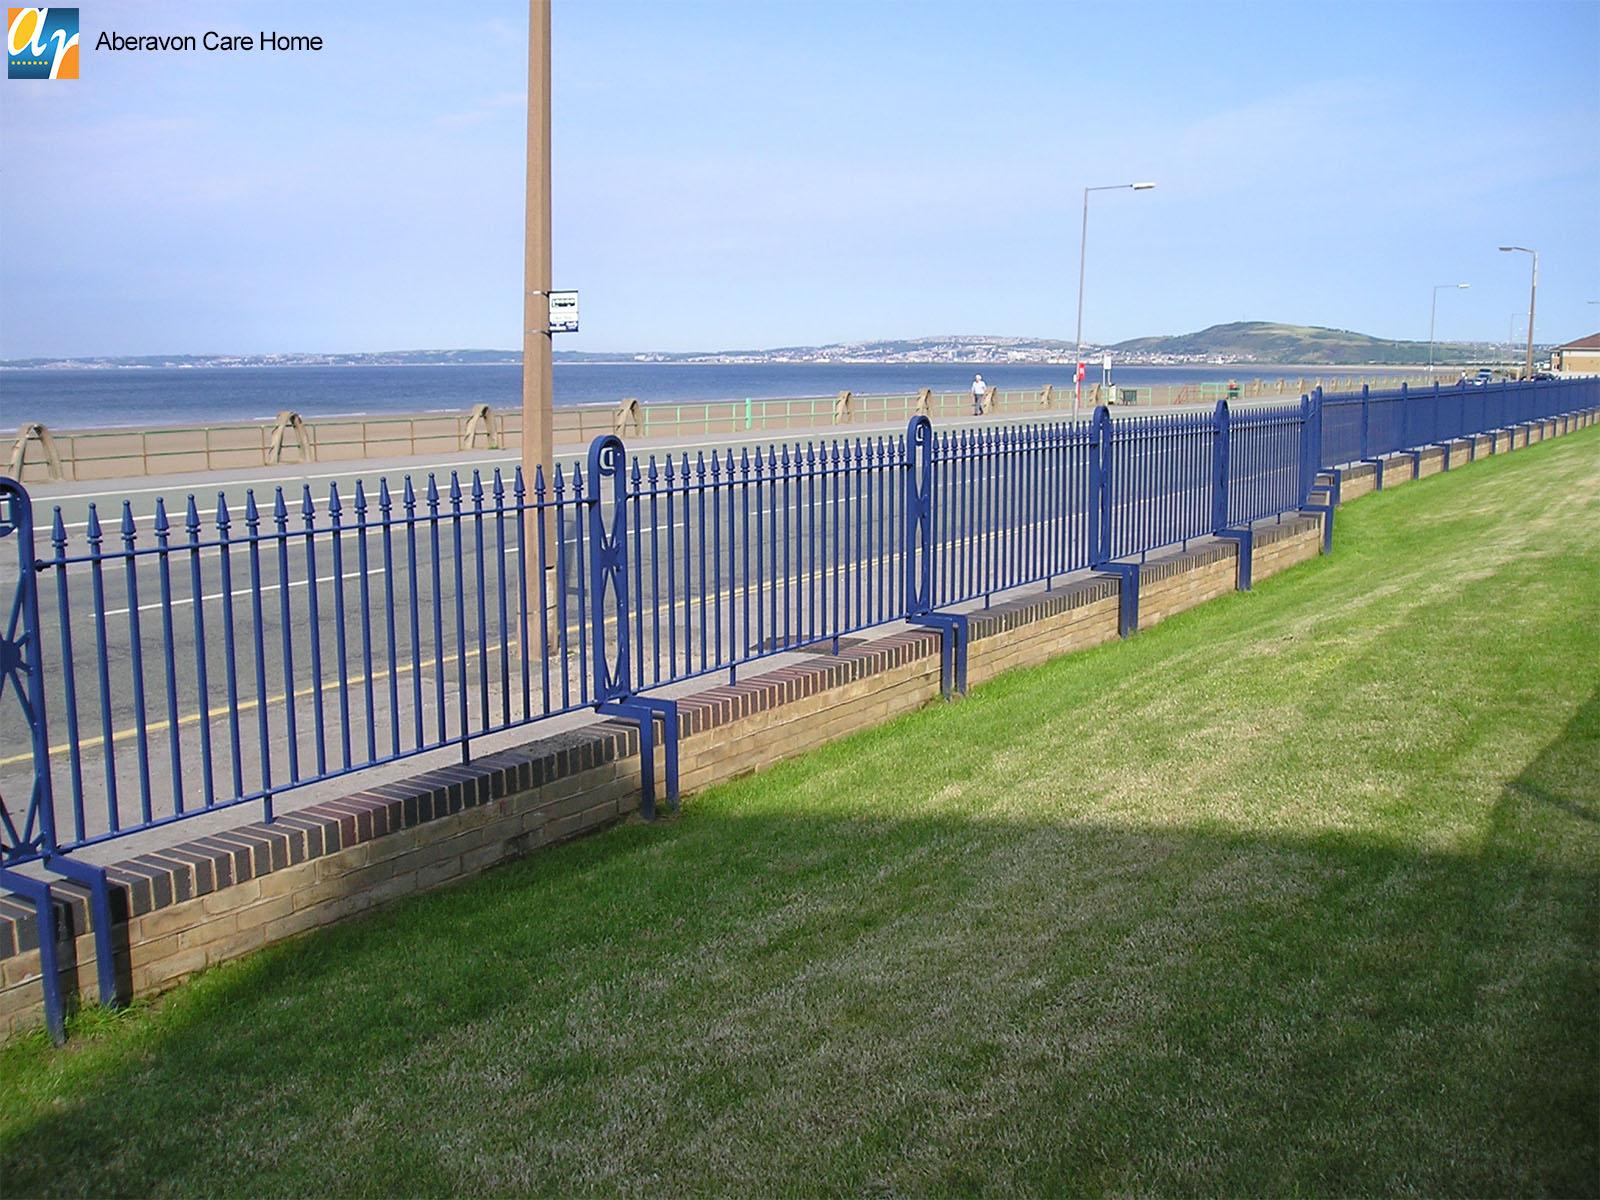 Aberavon Car home churchill vertical bar railings